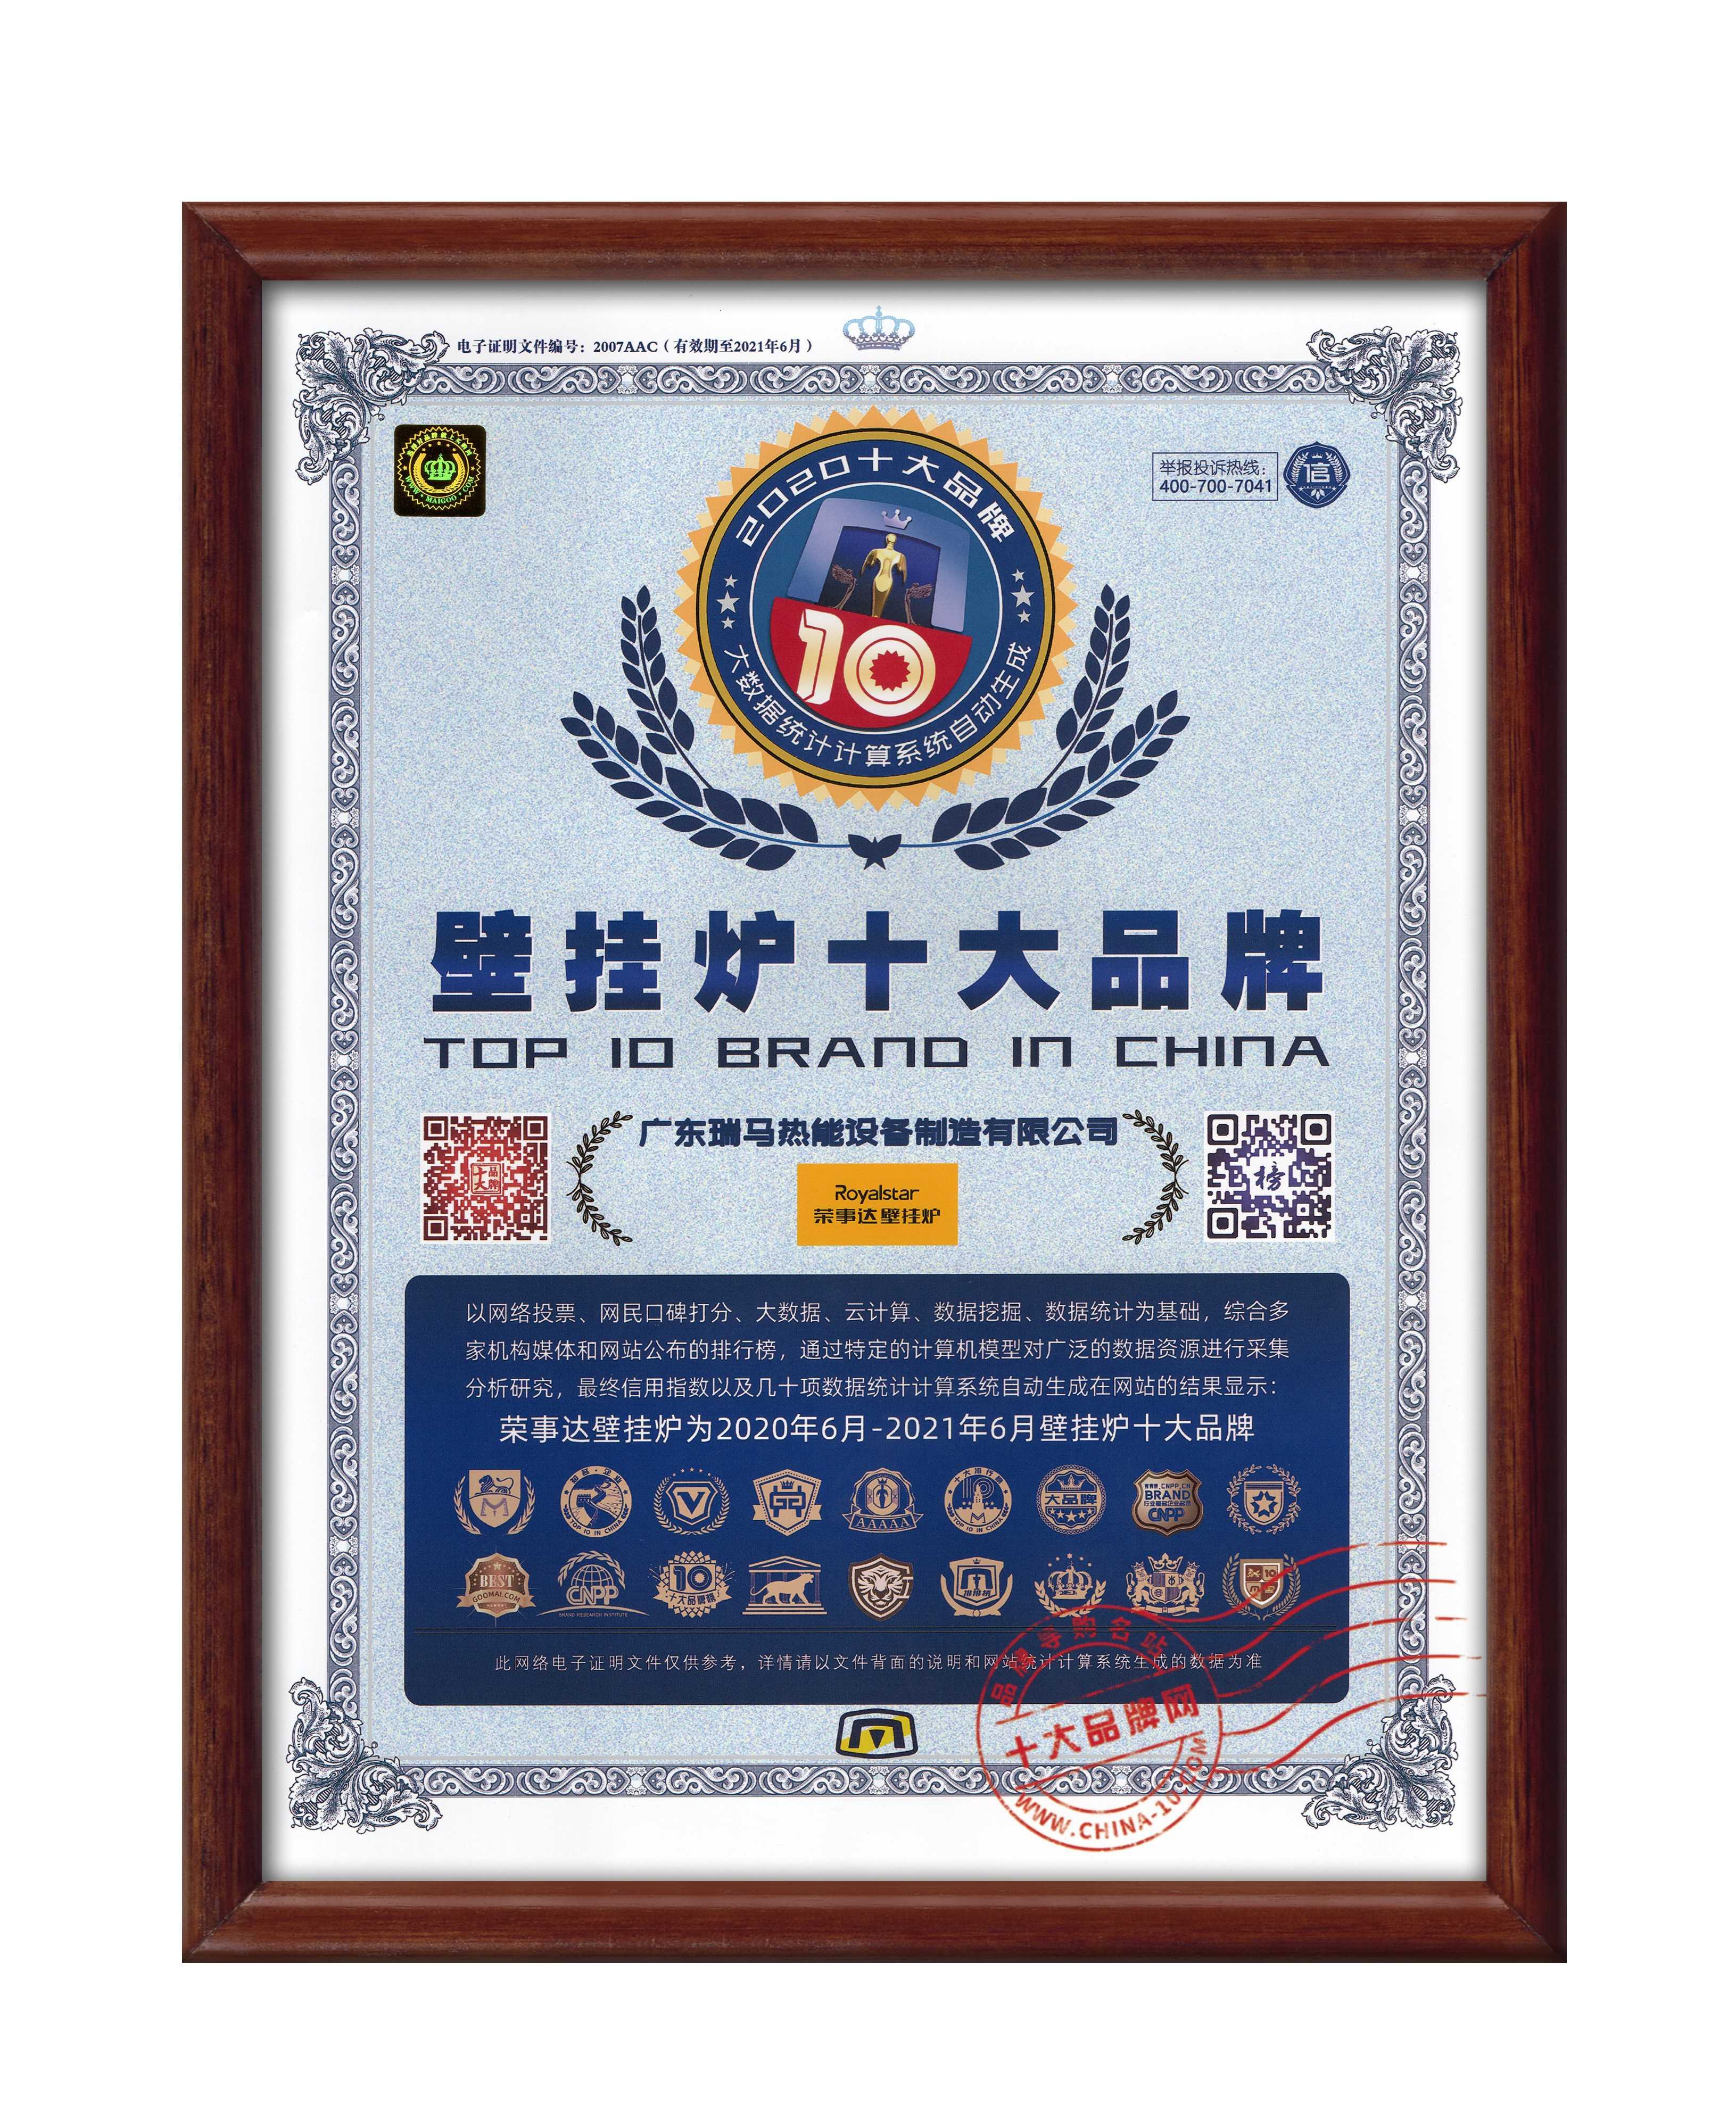 荣事达壁挂炉是中国壁挂炉十大品牌之一